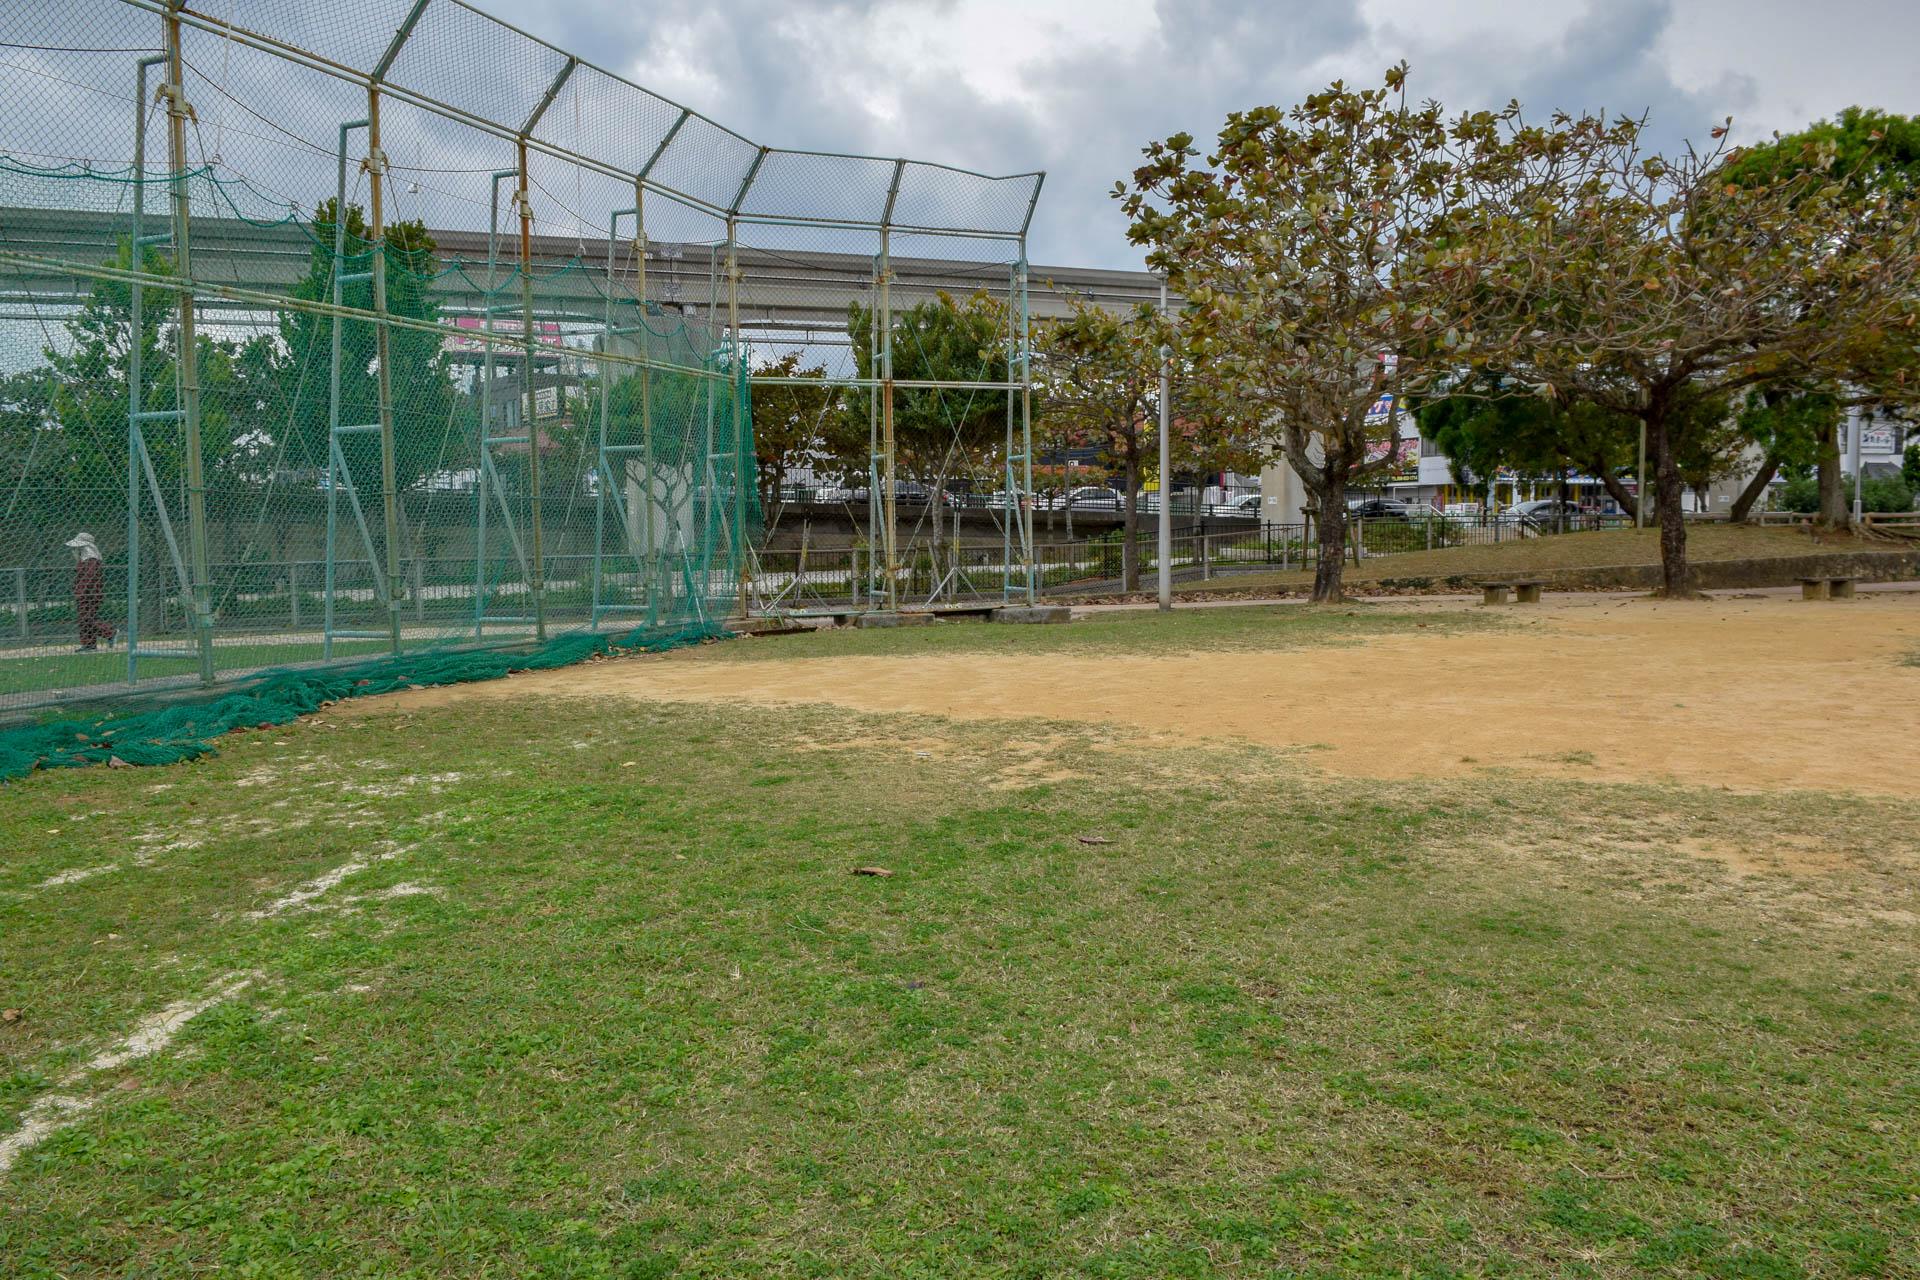 少年野球場(奥武山公園内)